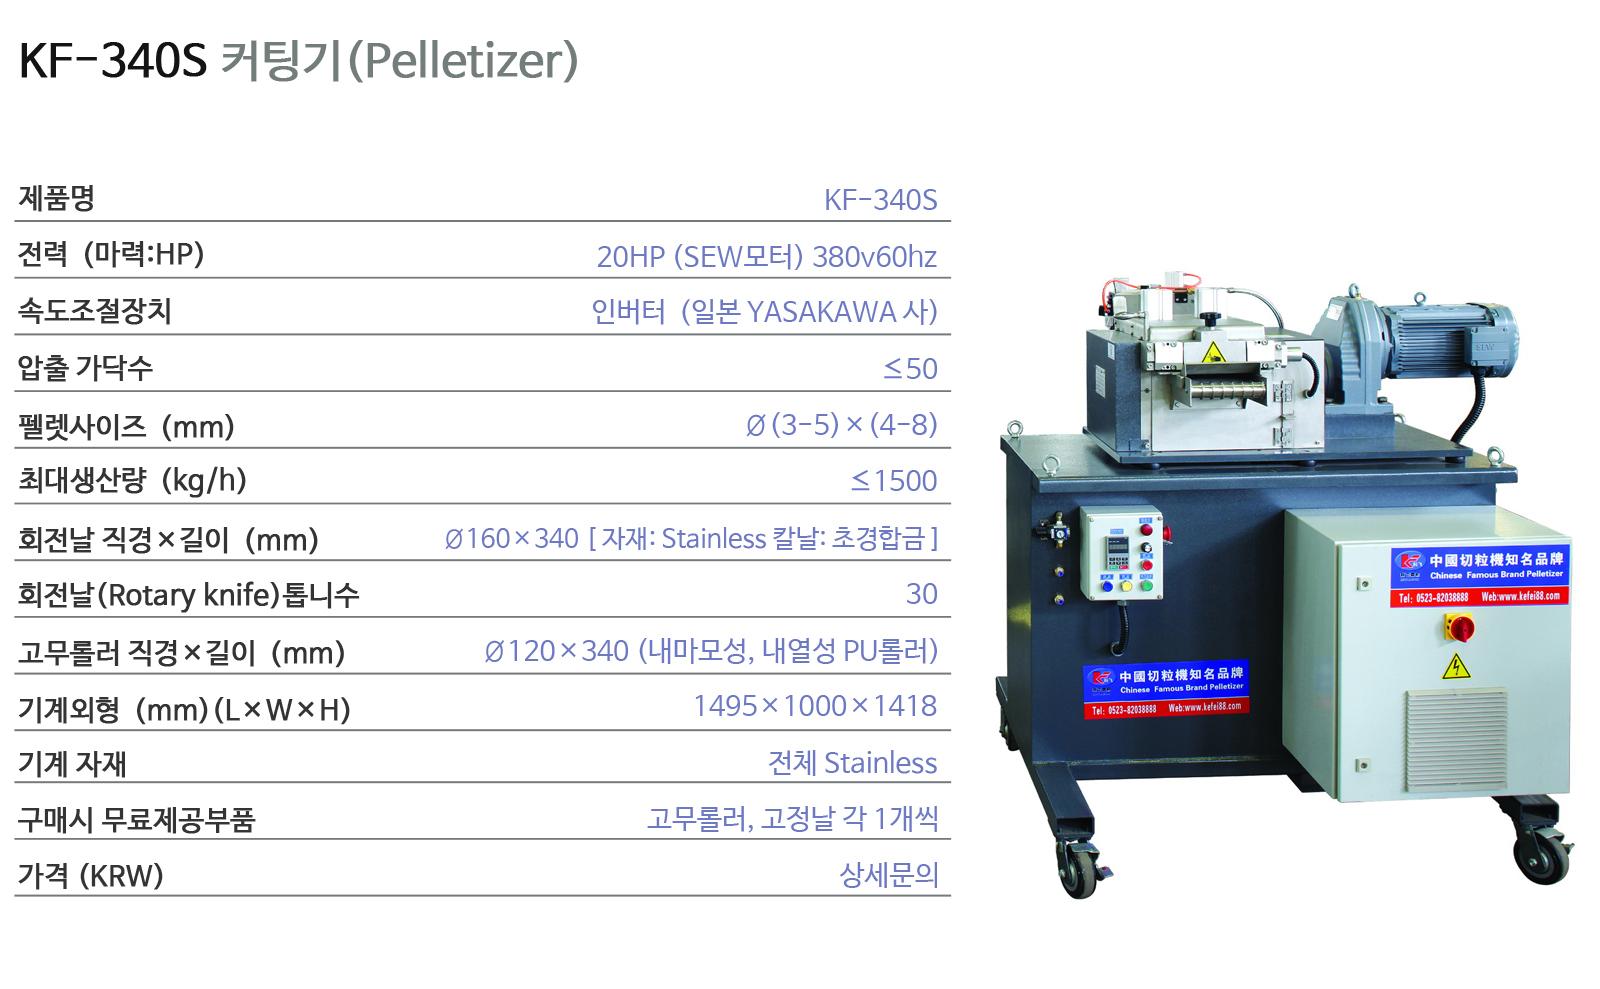 KF-340S 커팅기(고급) copy.jpg